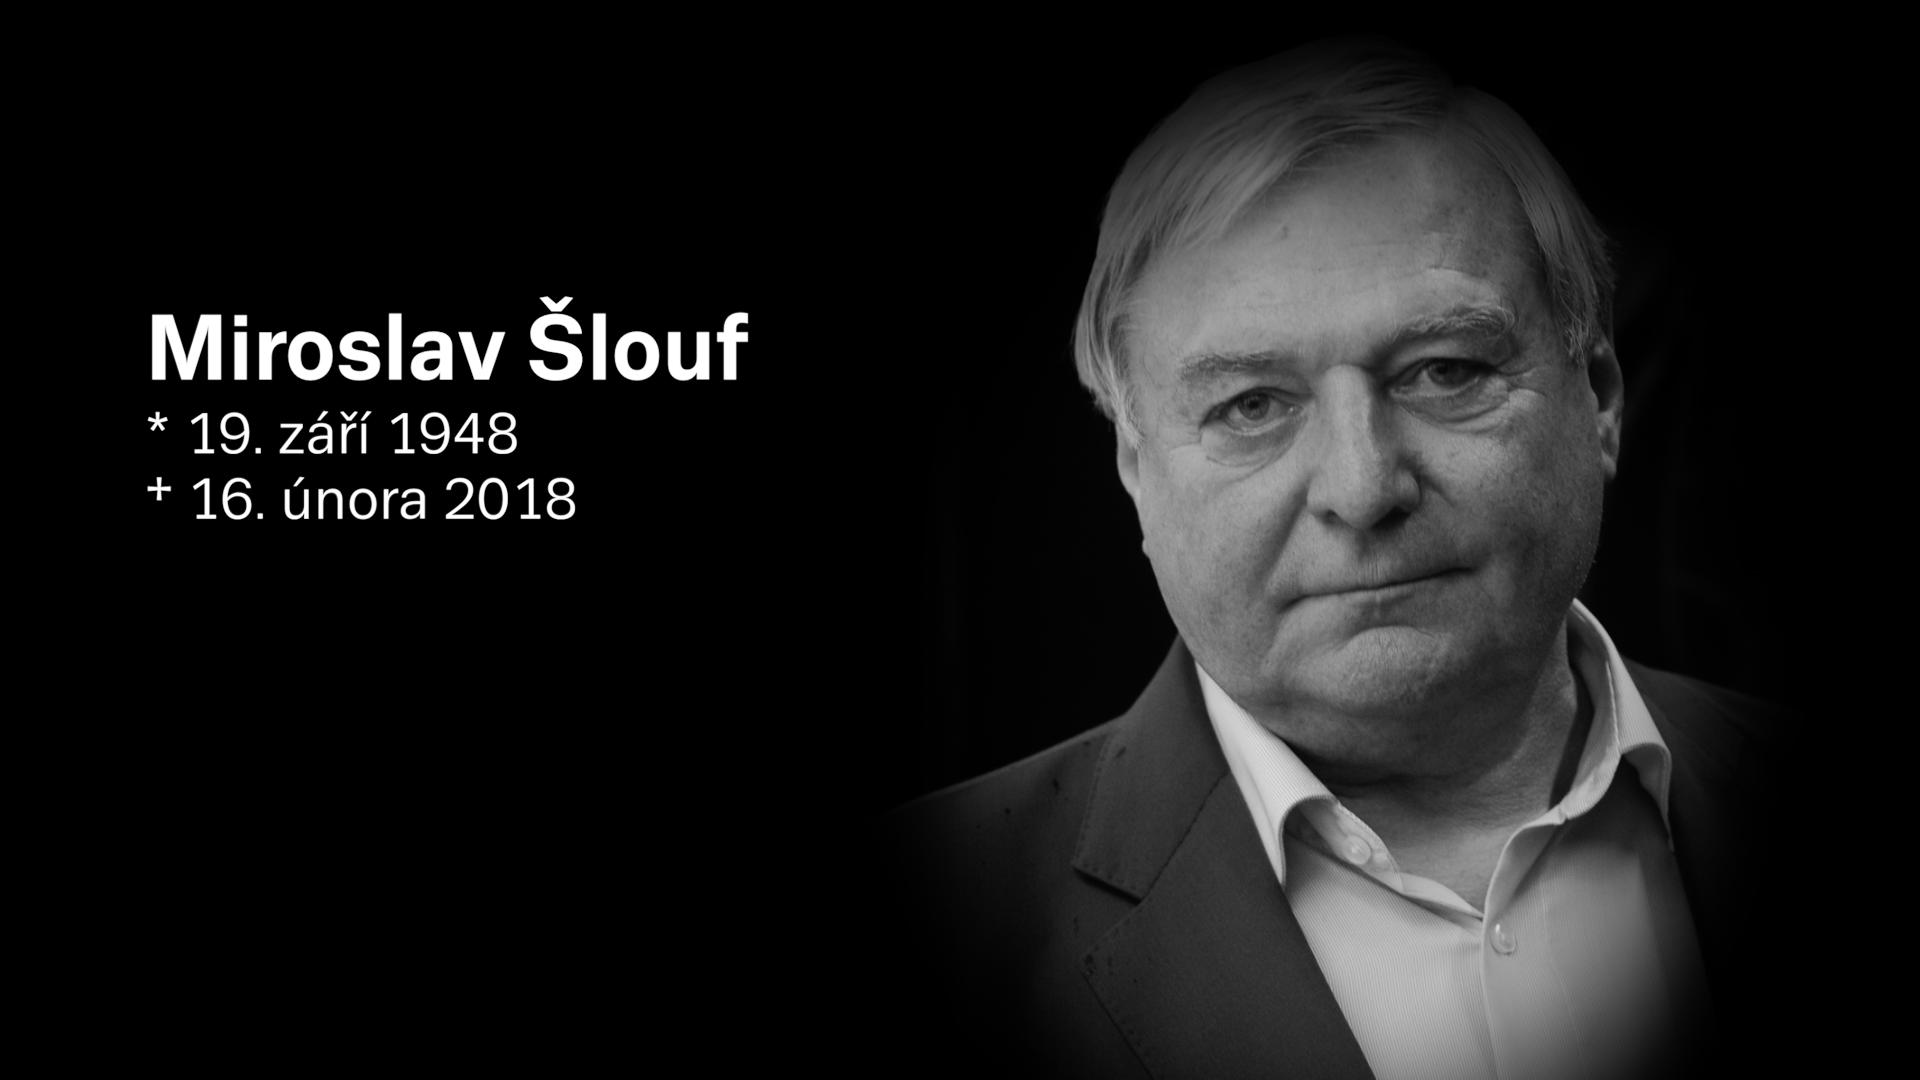 Zemřel lobbista a bývalý poradce Miloše Zemana Miroslav Šlouf. Zabila ho rakovina, říká jeho přítel